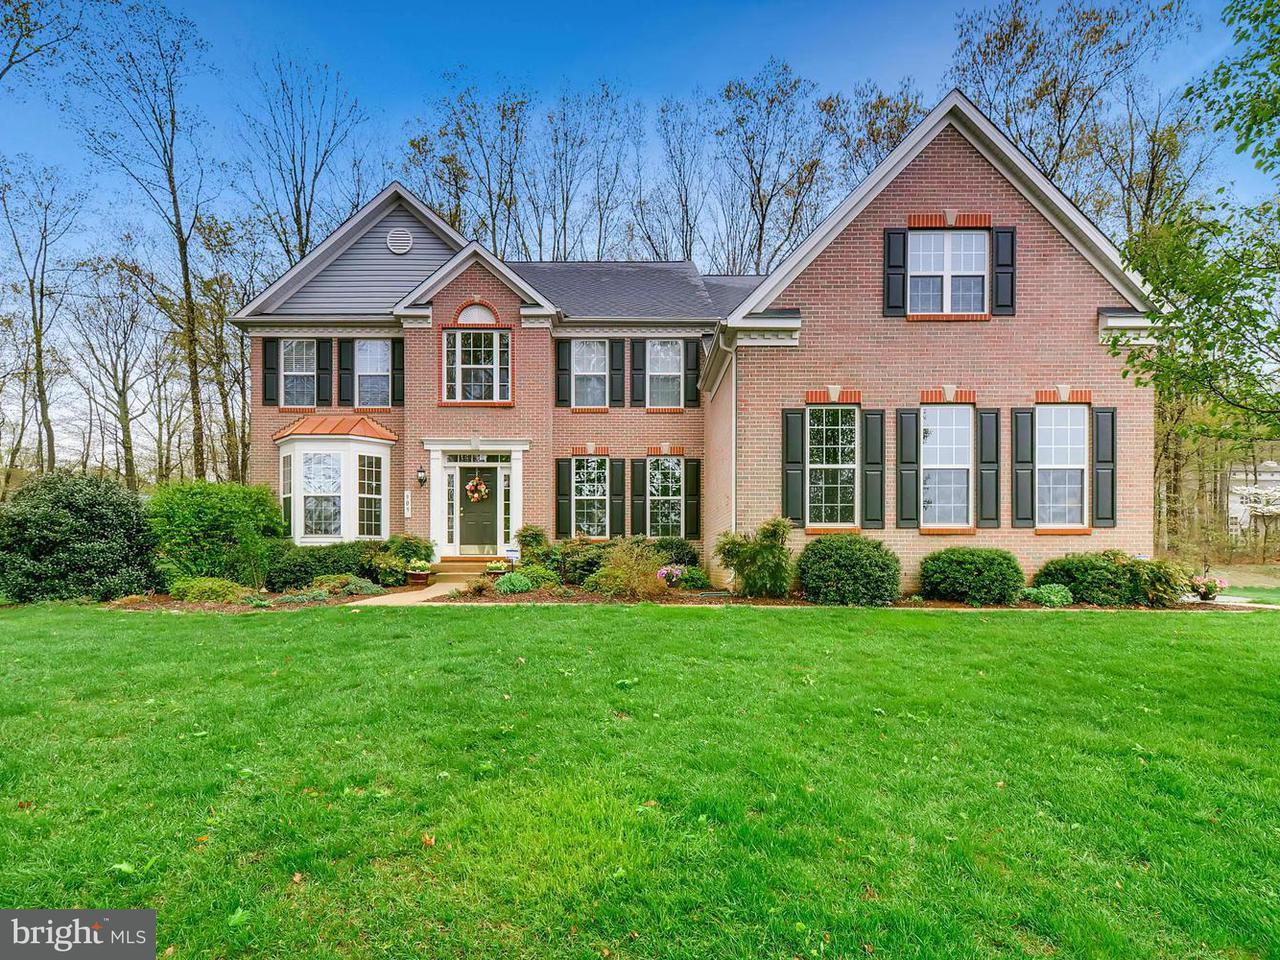 Maison unifamiliale pour l Vente à 909 ZENITH Drive 909 ZENITH Drive Freeland, Maryland 21053 États-Unis